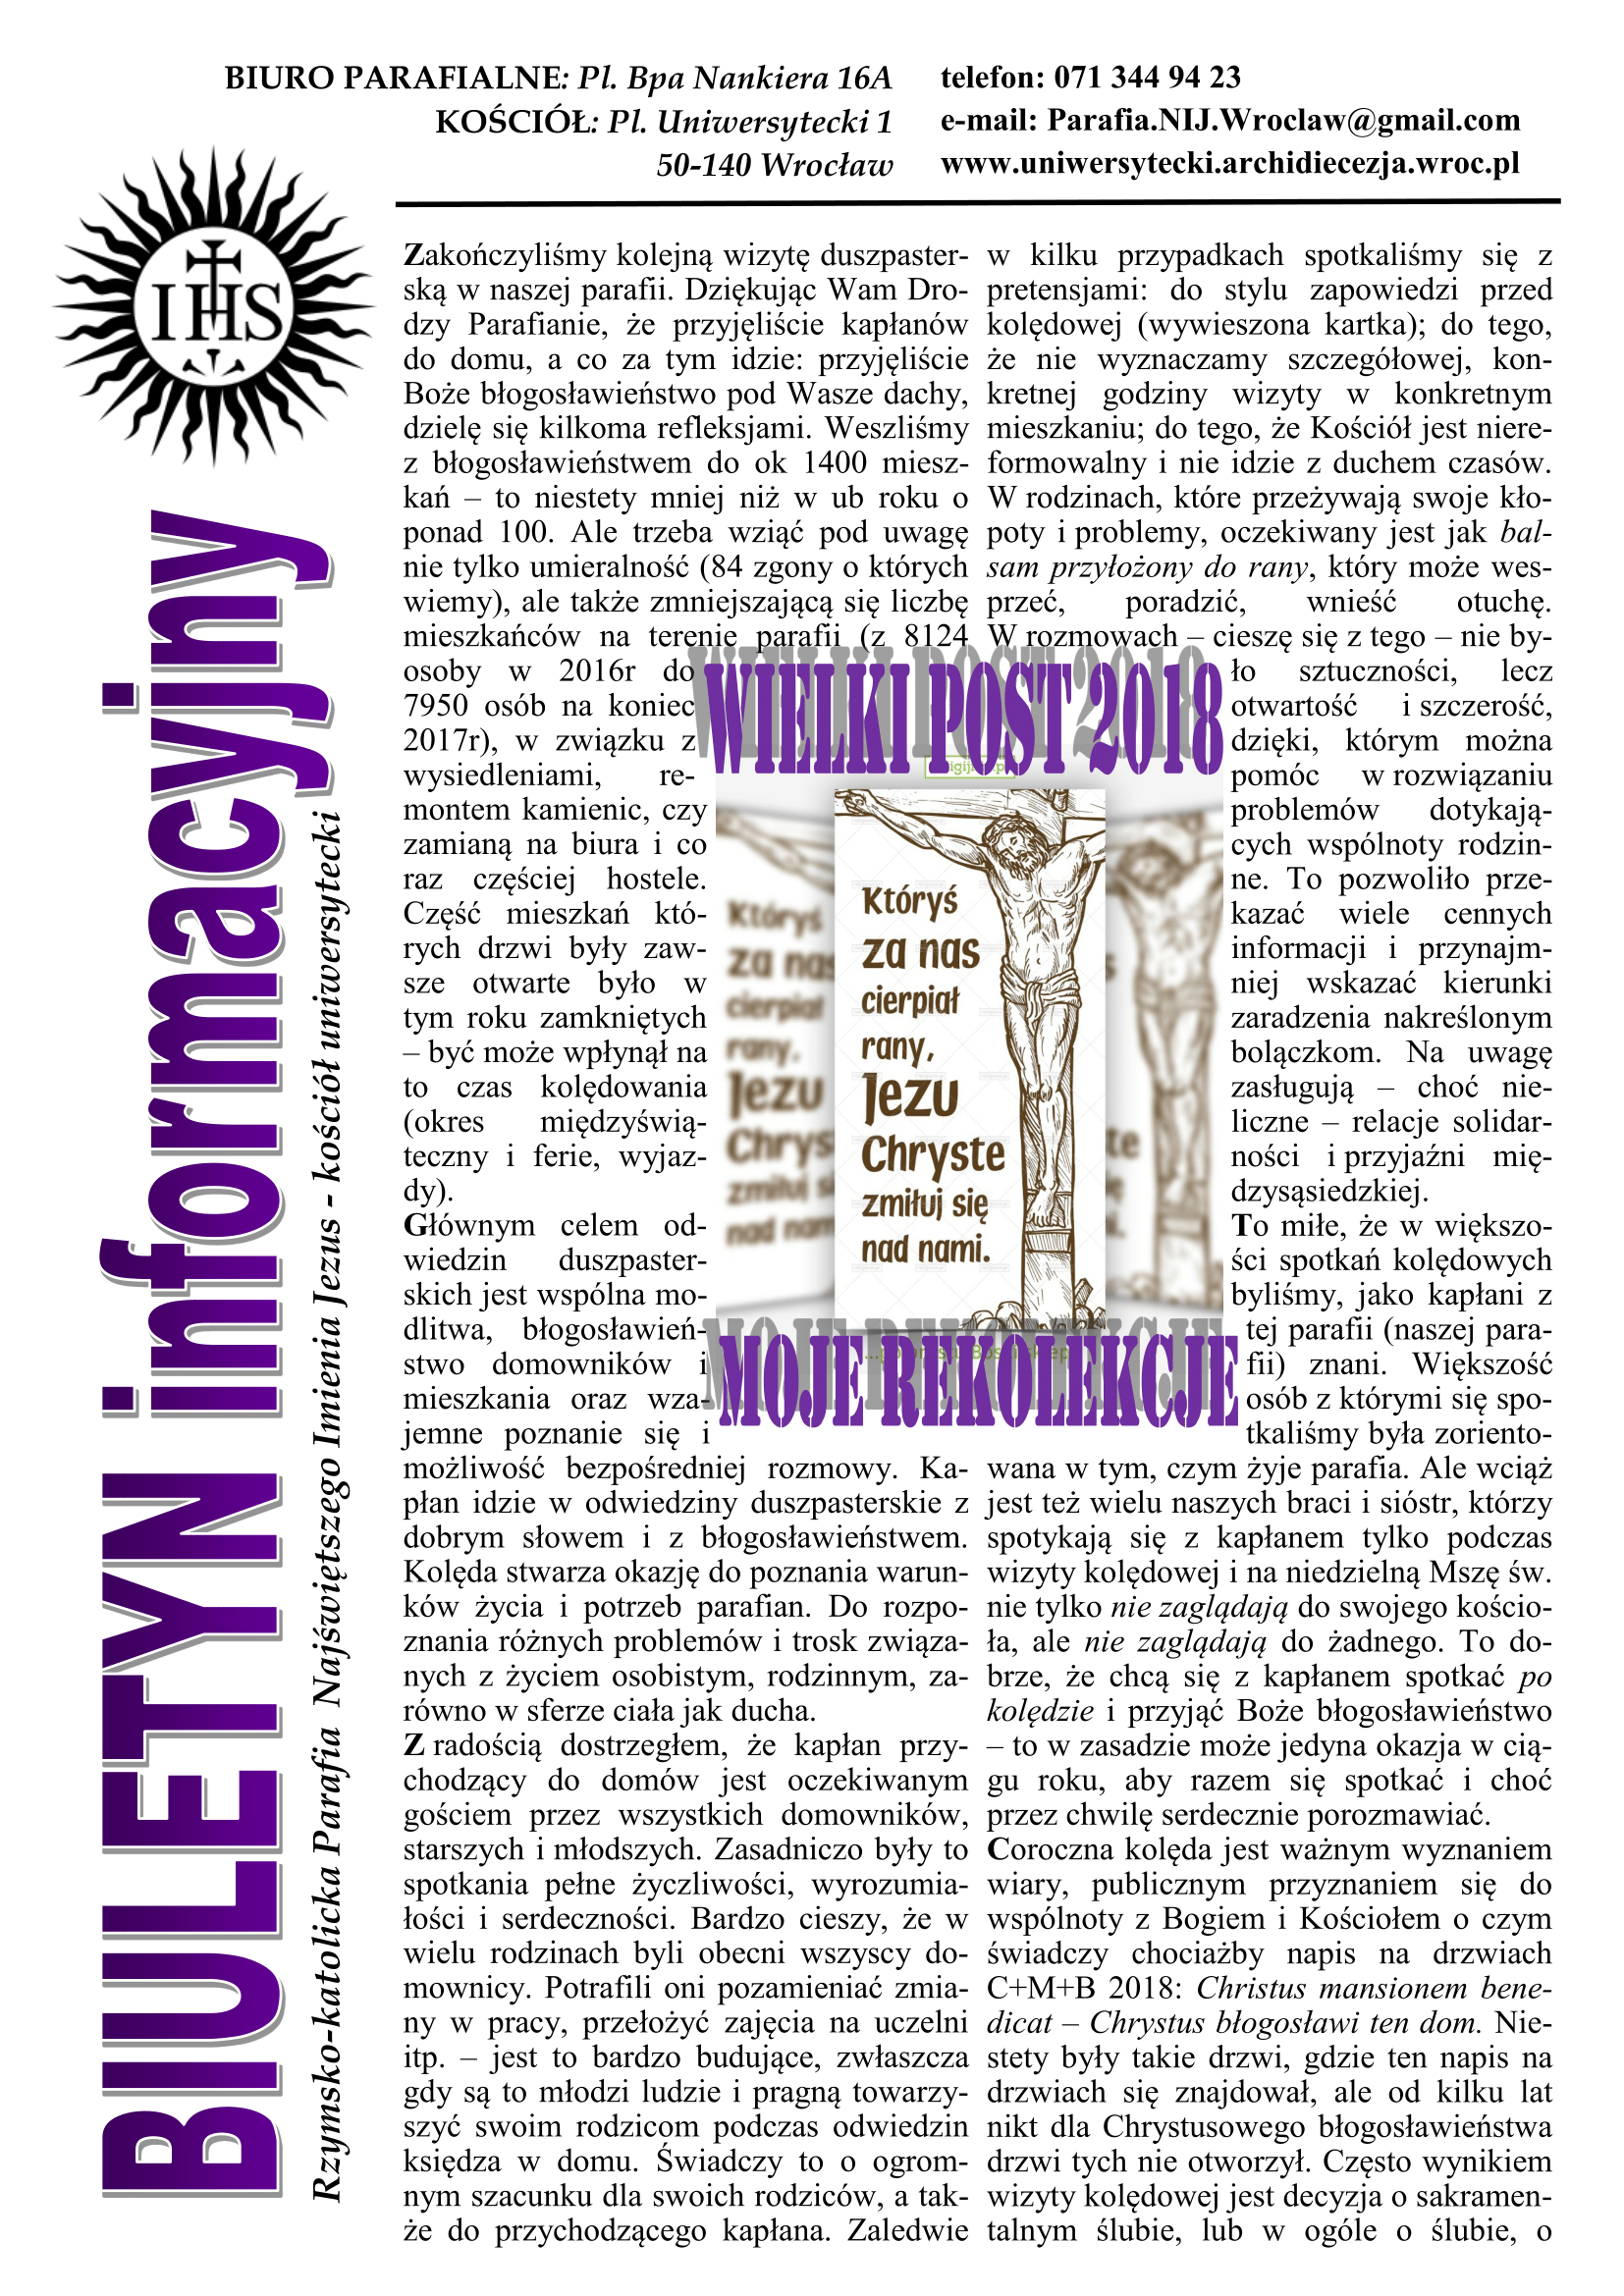 Parafia rzymskokatolicka pw  Najświętszego Imienia Jezus we